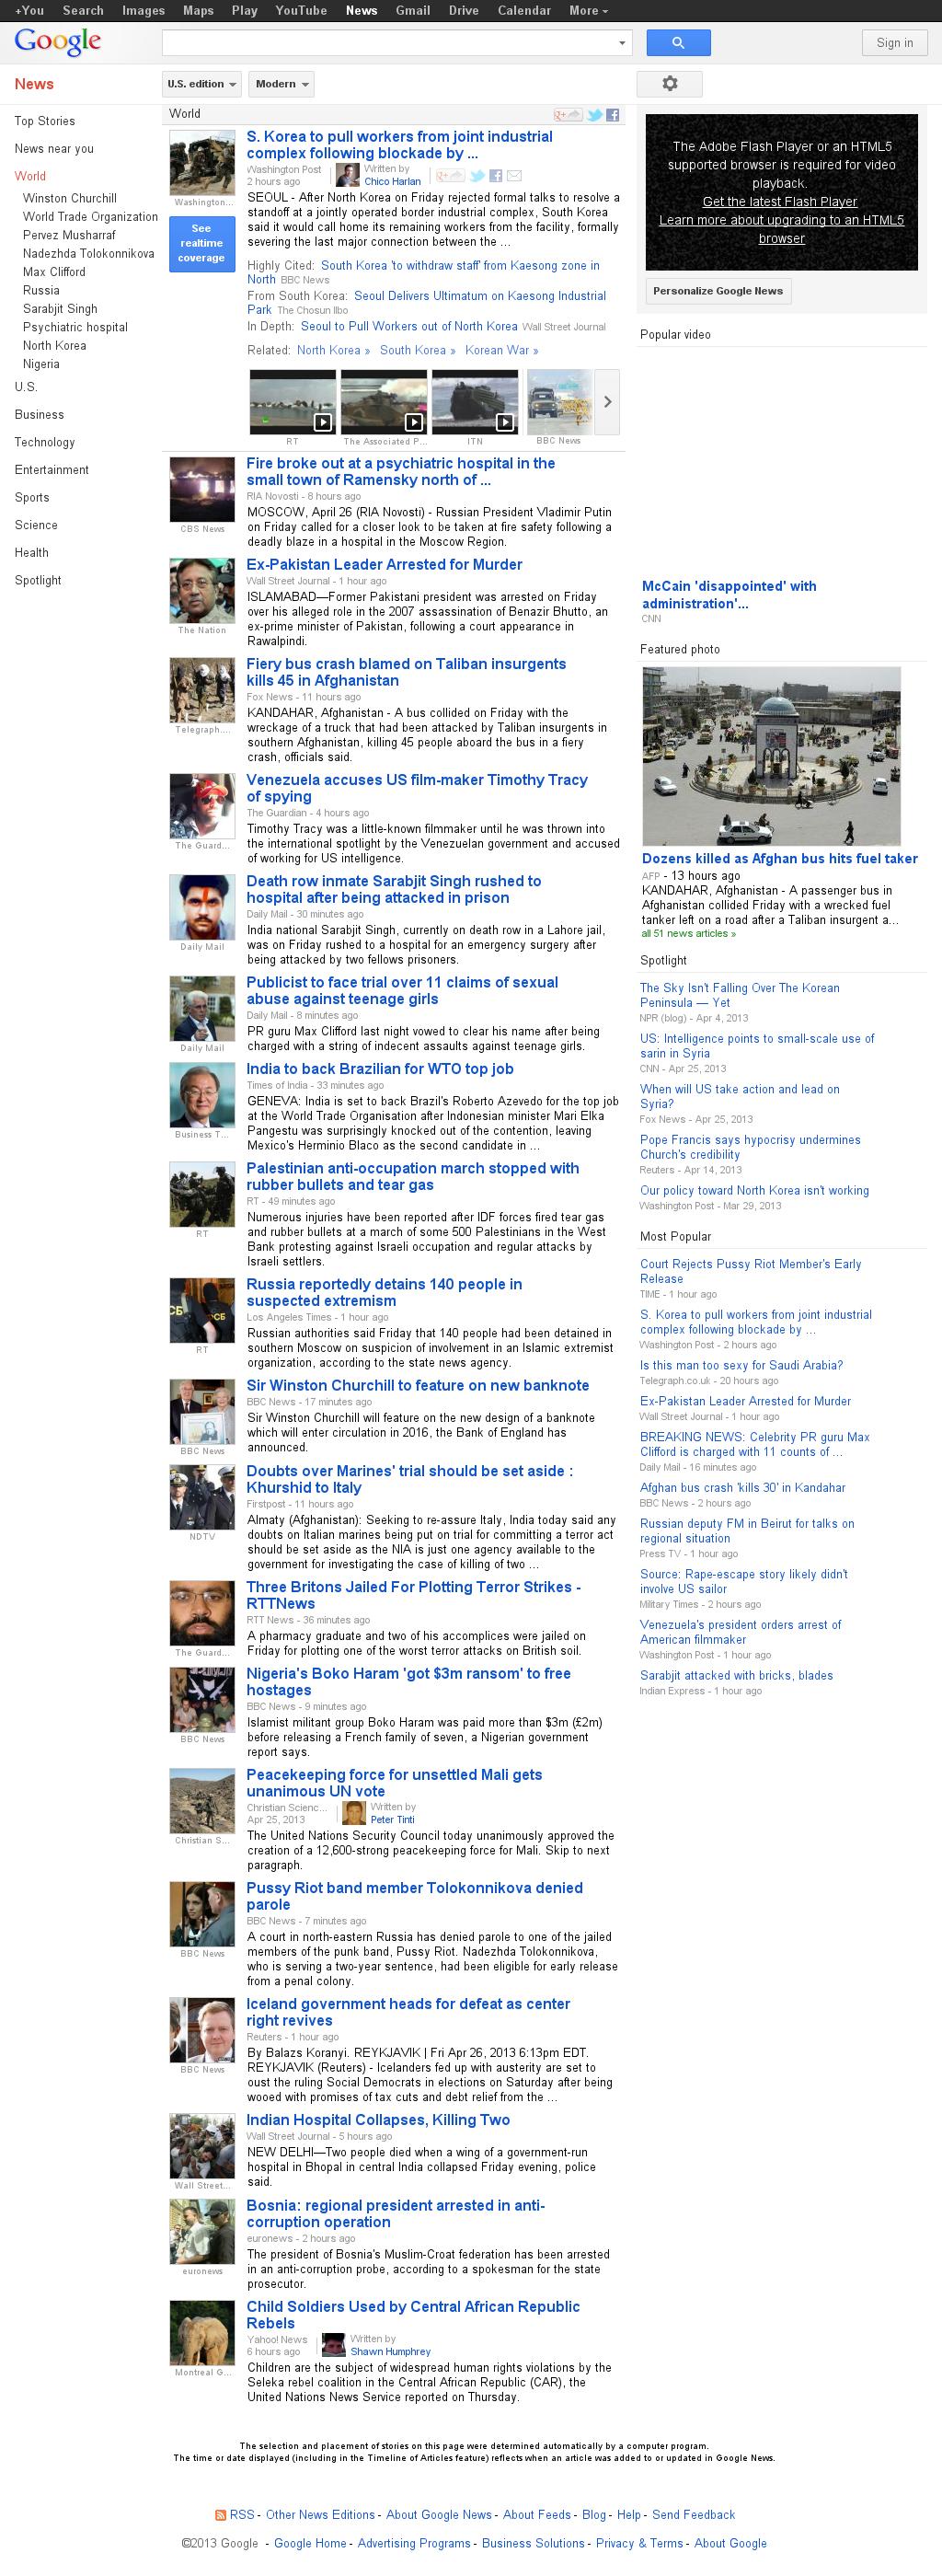 Google News: World at Saturday April 27, 2013, 12:08 a.m. UTC